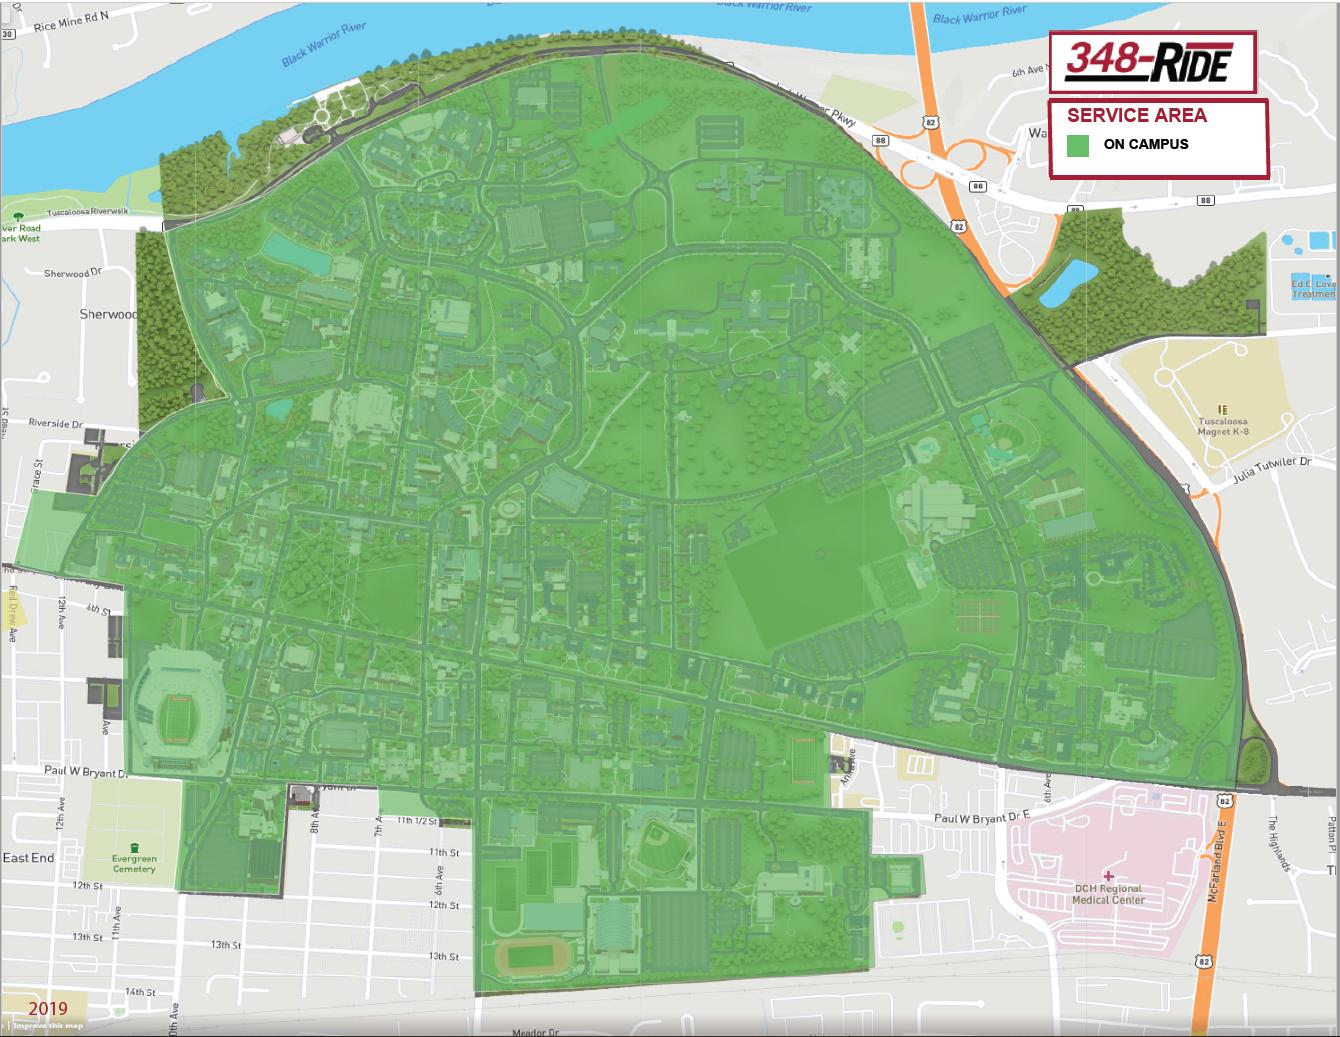 348 Ride Service Area 2019